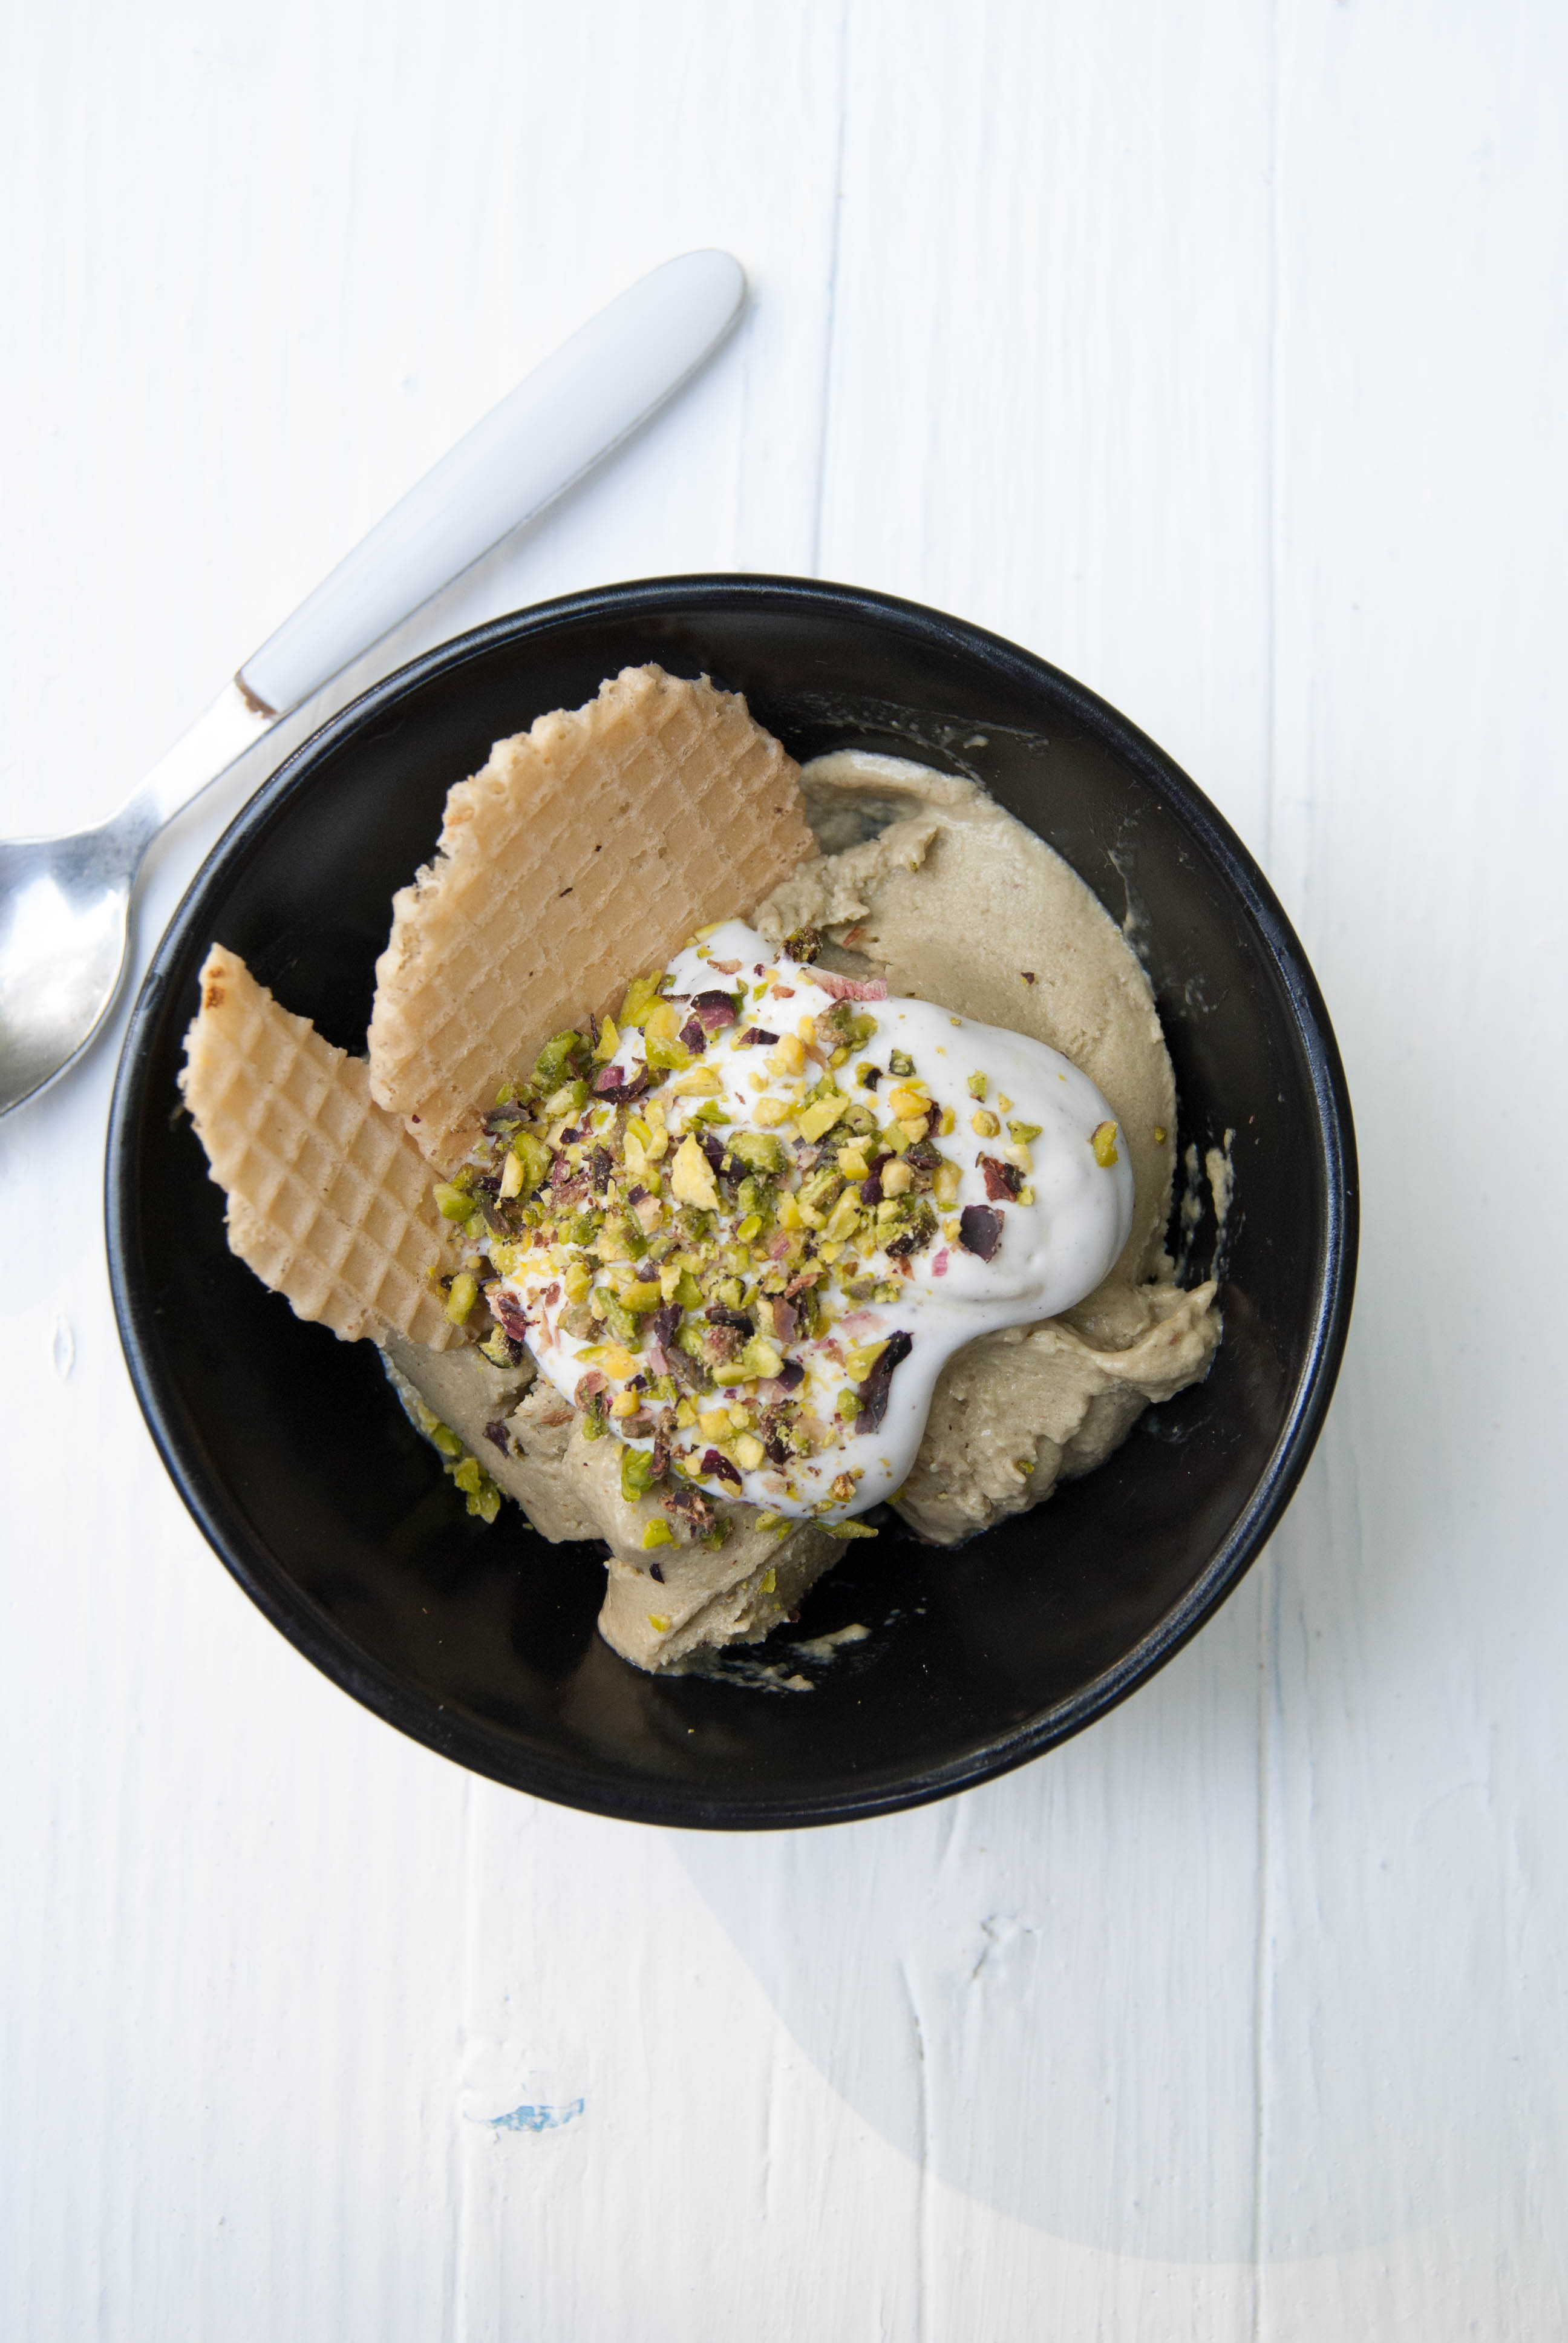 Pistachio gelato with avocado